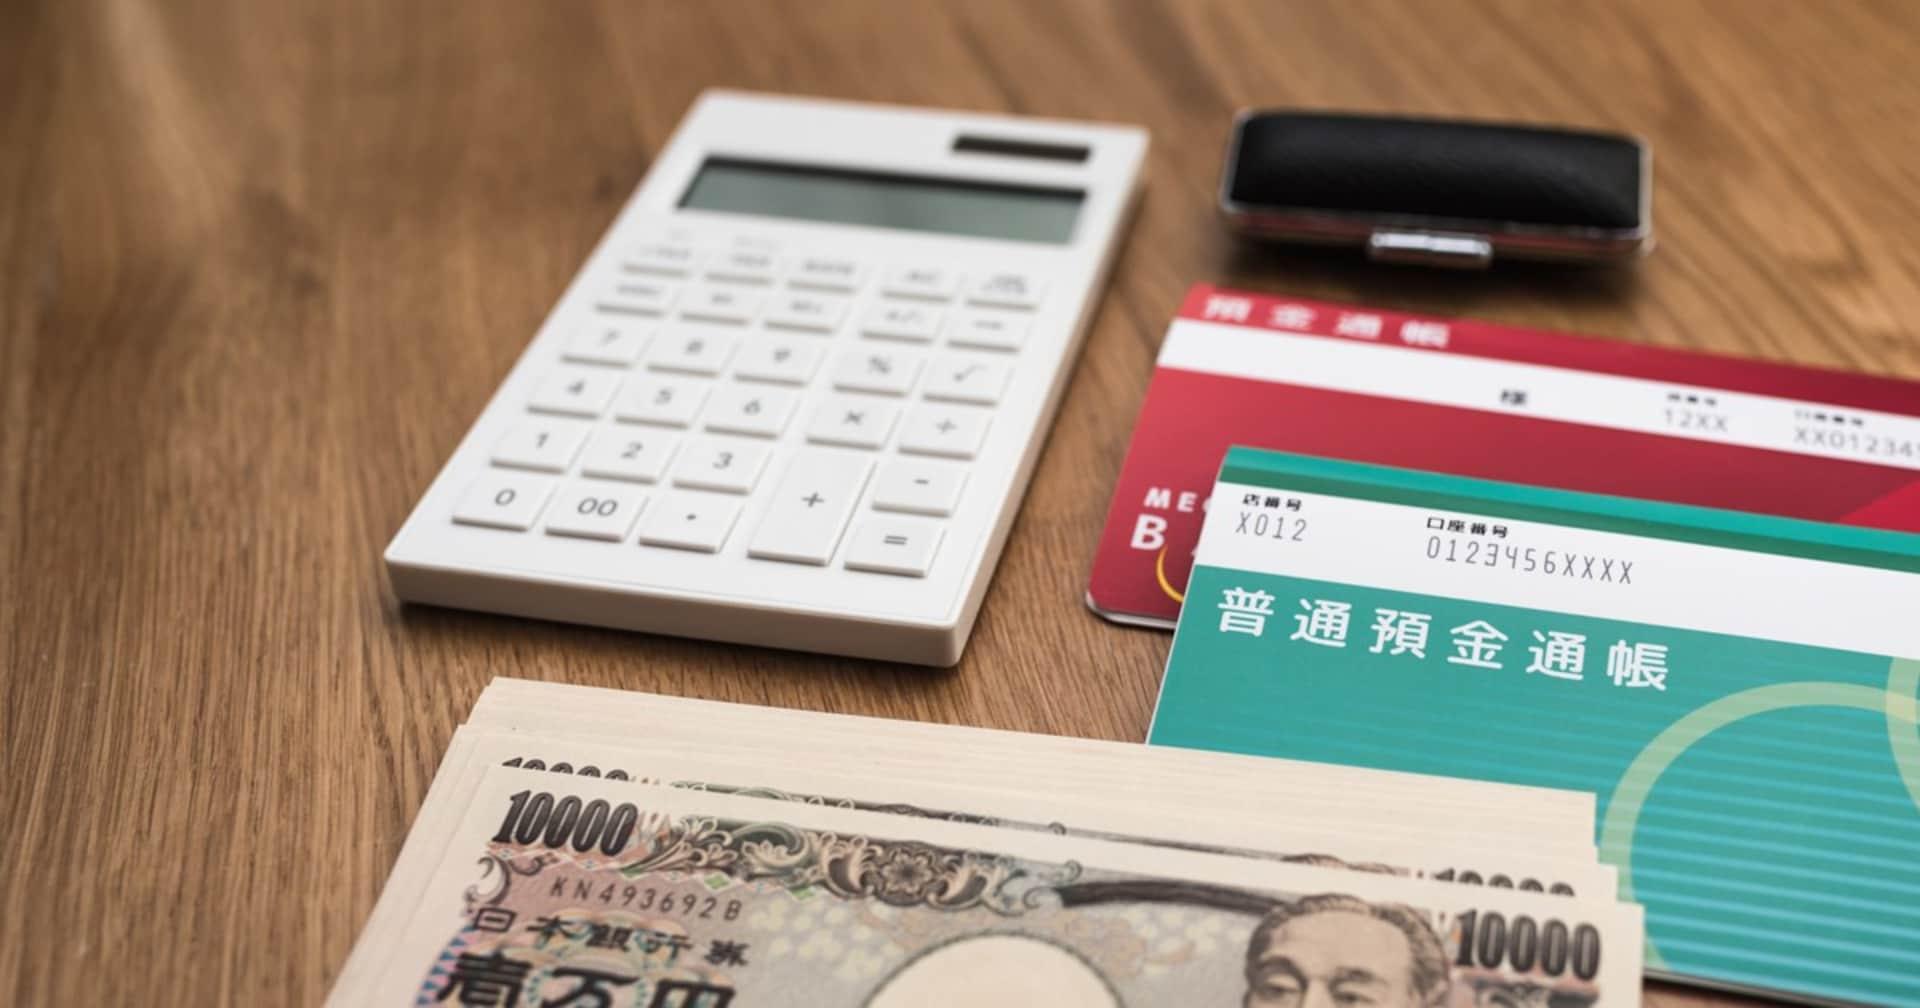 「ふるさと納税」や「iDeCo(イデコ)」… 改めて知っておきたいお得な制度をプロが解説!